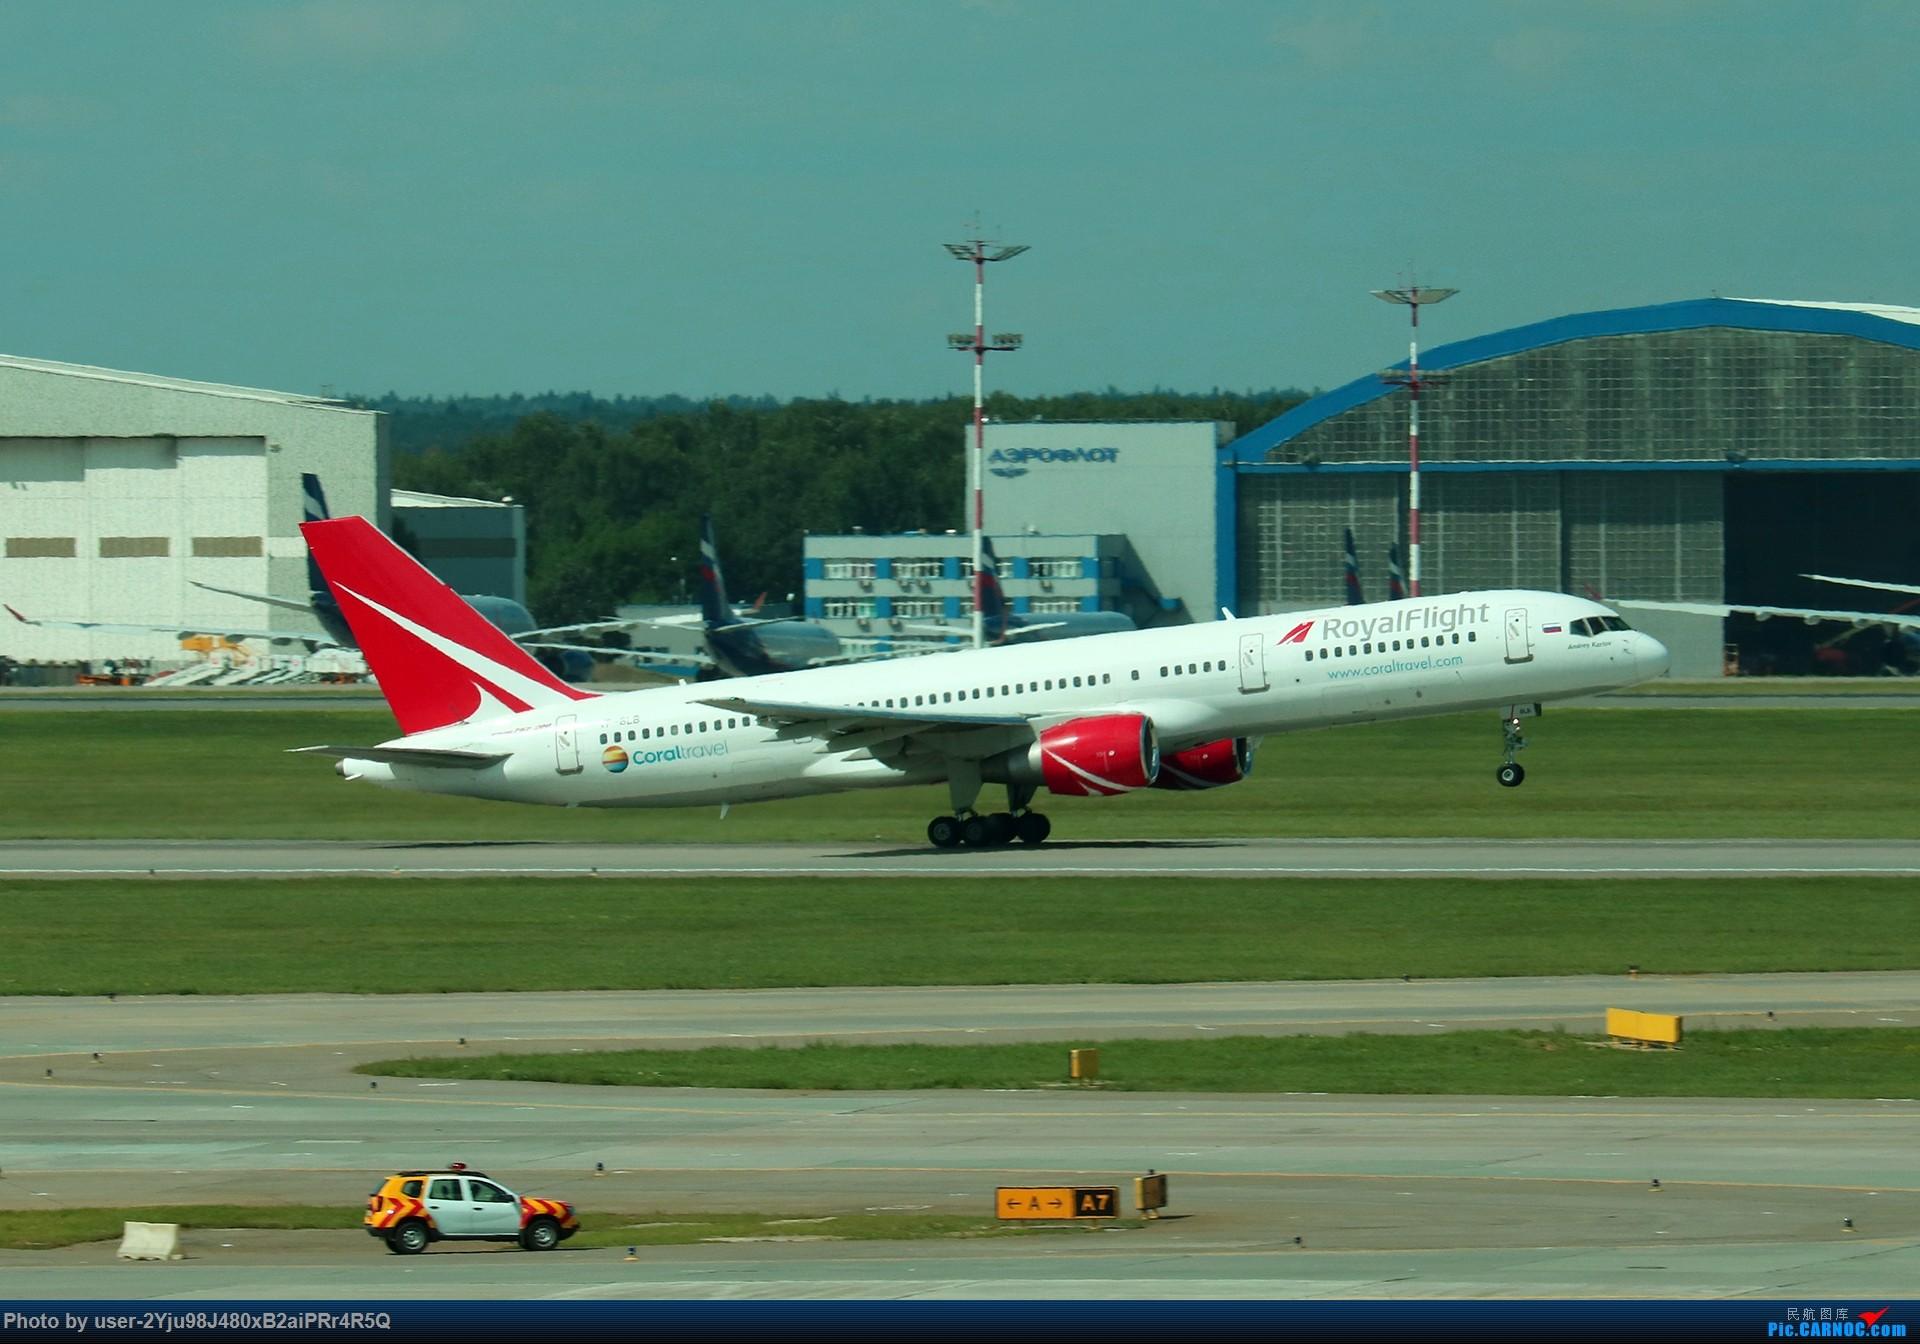 Re:[原创]LIULIU|Sheremetyevo的漫游|其他篇 BOING 757-231 VP-BLB 俄罗斯谢诺梅杰沃机场